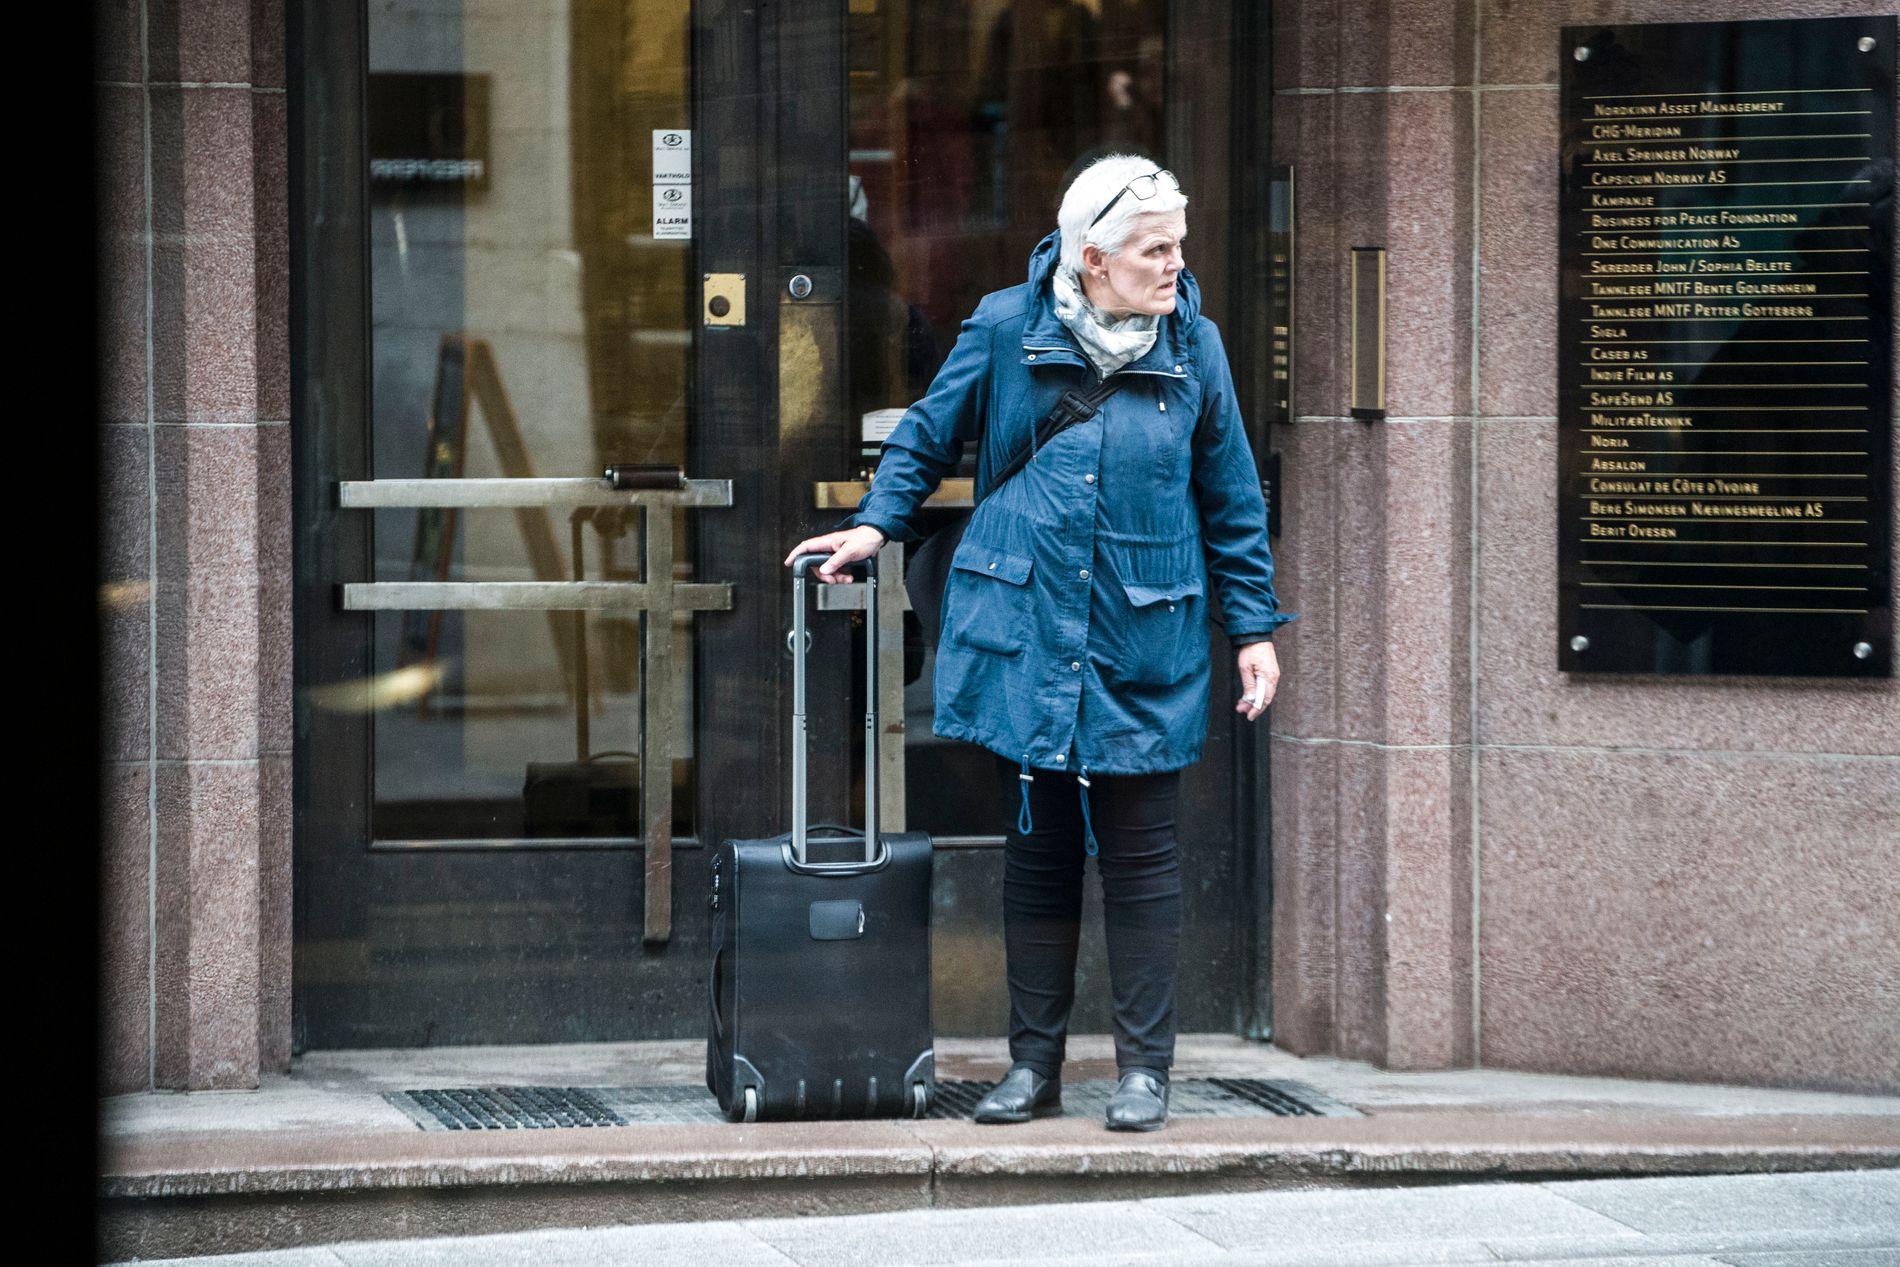 DOMFELT EN REKKE GANGER: Marie Madeleine Steen har siden 1990 vært dømt for en rekke bedrageriforhold.